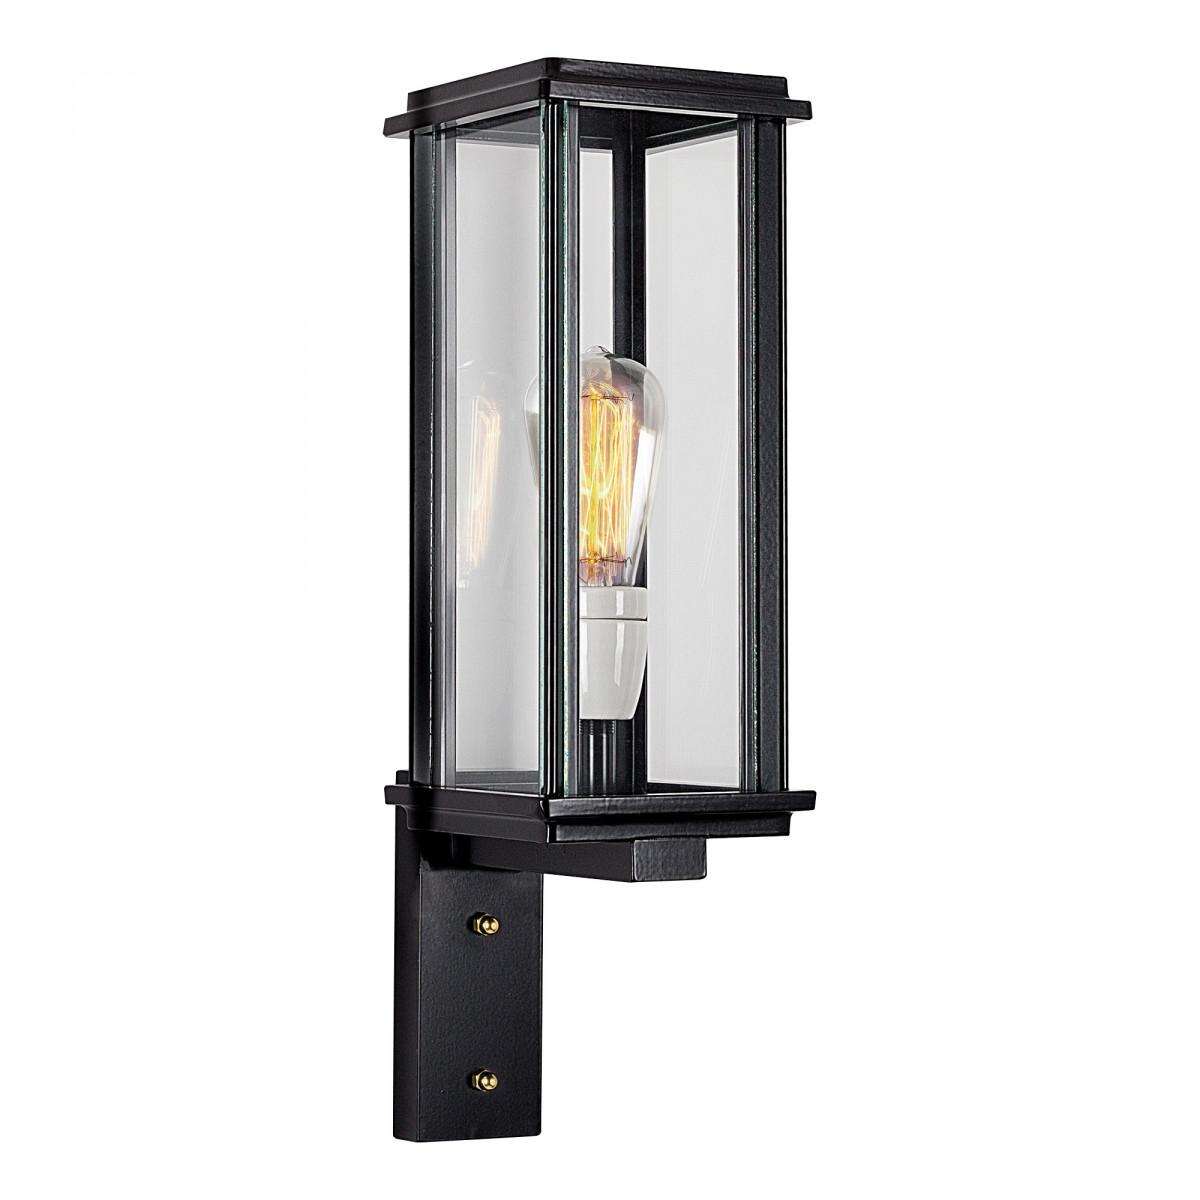 Buitenlamp Capital staand muurlamp een prachtige zwarte in strak klassieke stijl vormgegeven gevelverlichting van KS Verlichting